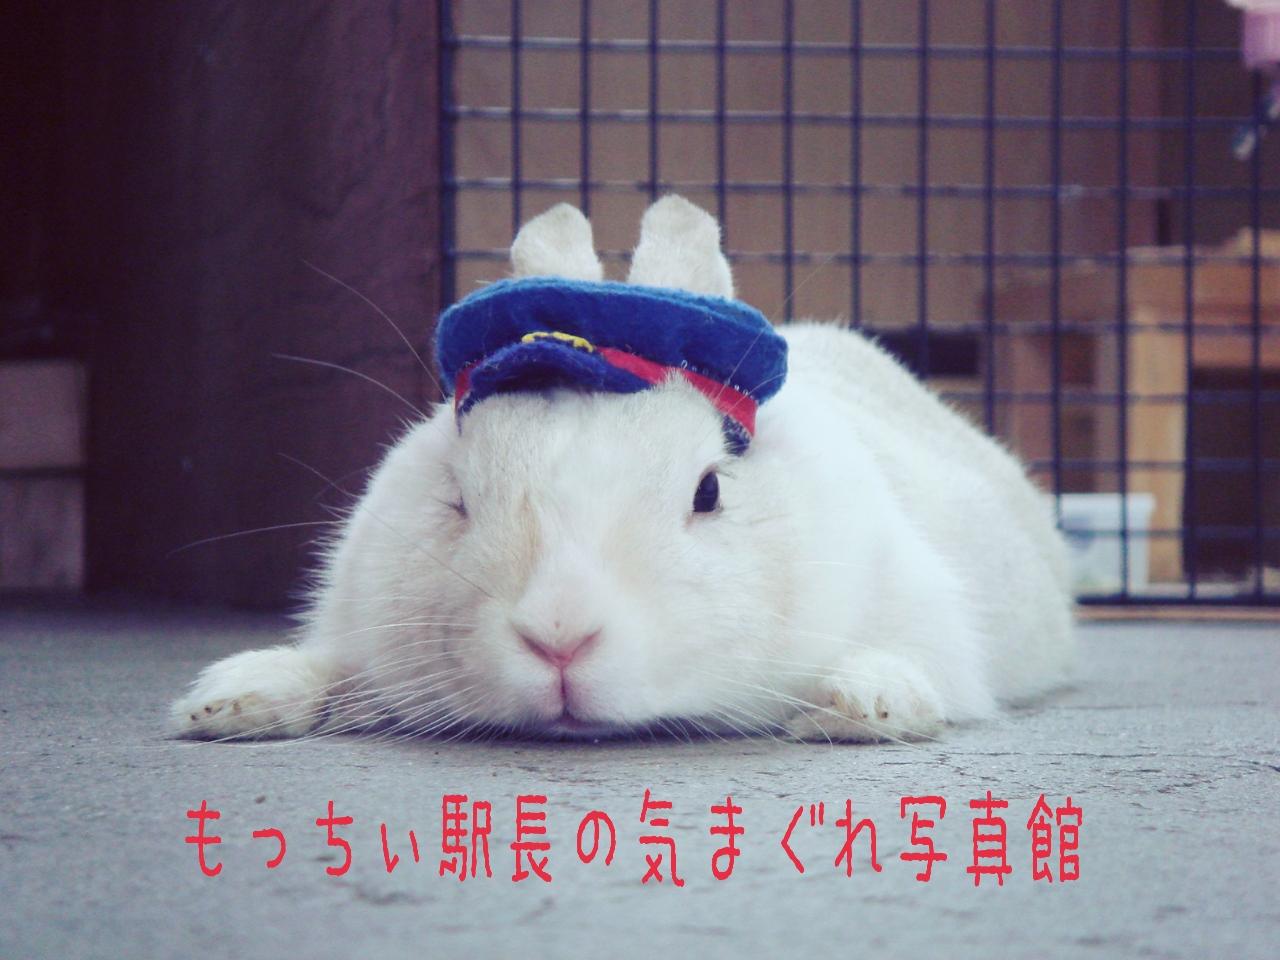 山形鉄道宮内駅:もっちぃ駅長のきまぐれ写真館